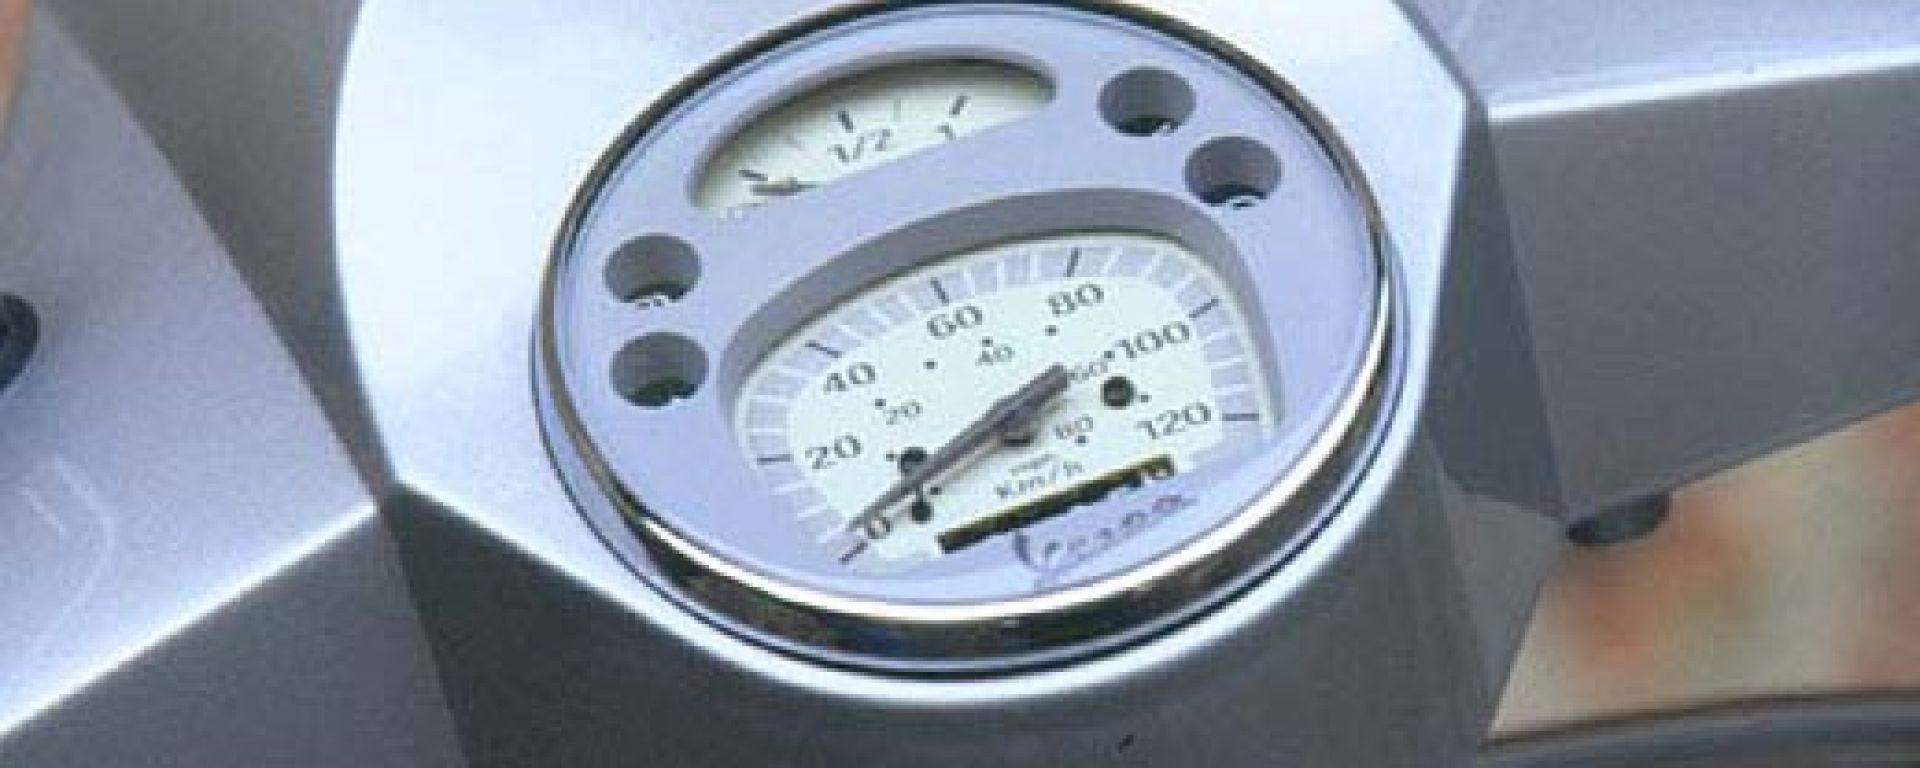 Piaggio Vespa PX my 2001